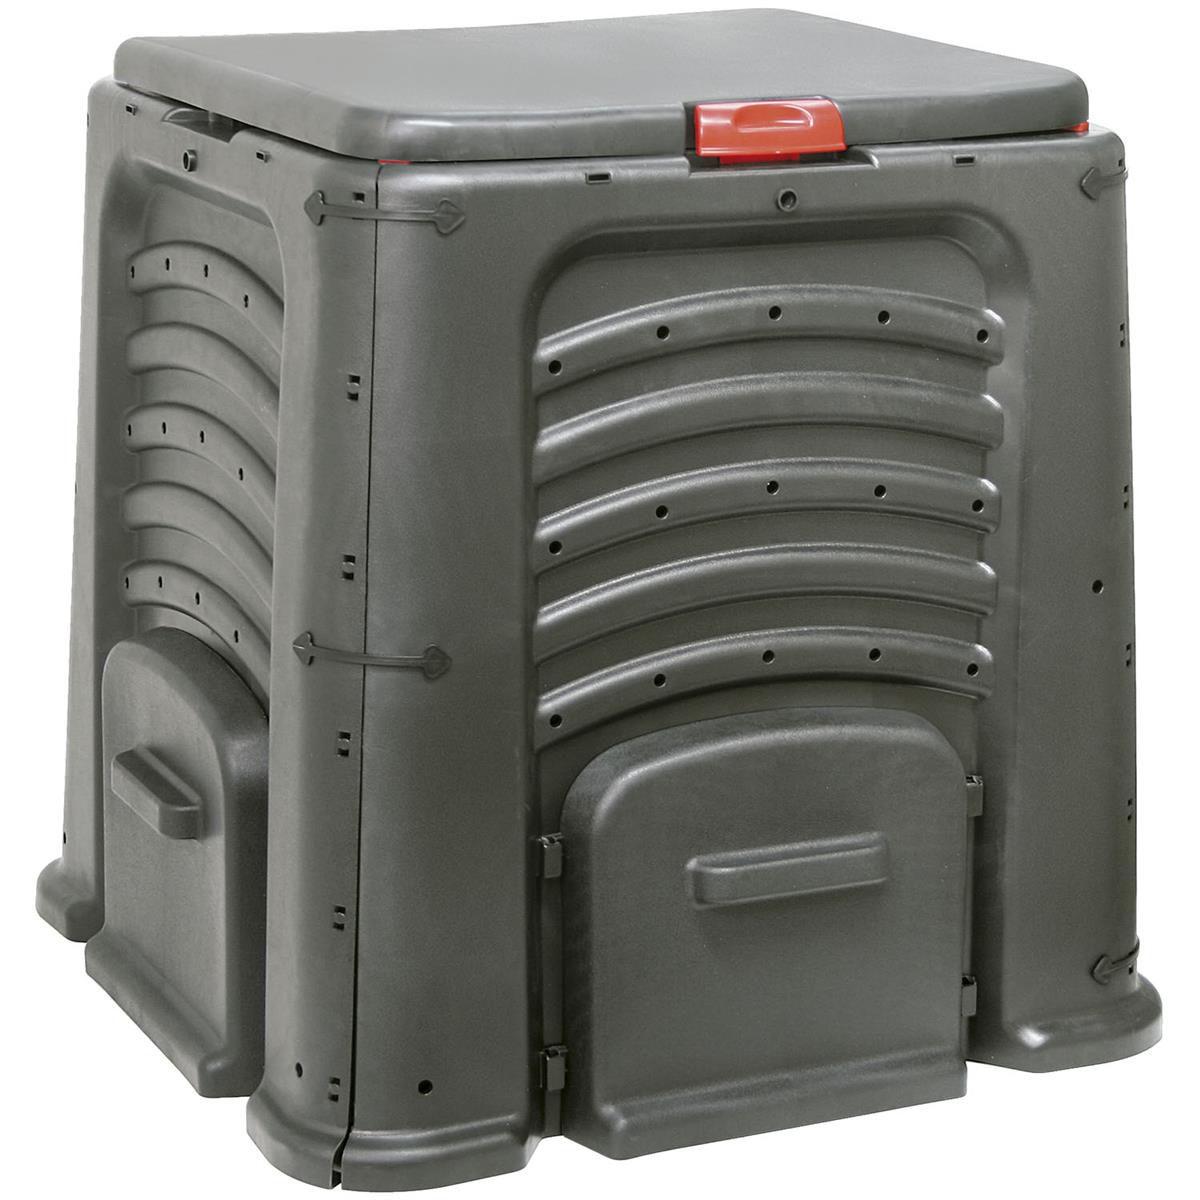 Caixa de Compostagem Composteira 435L - Trapp